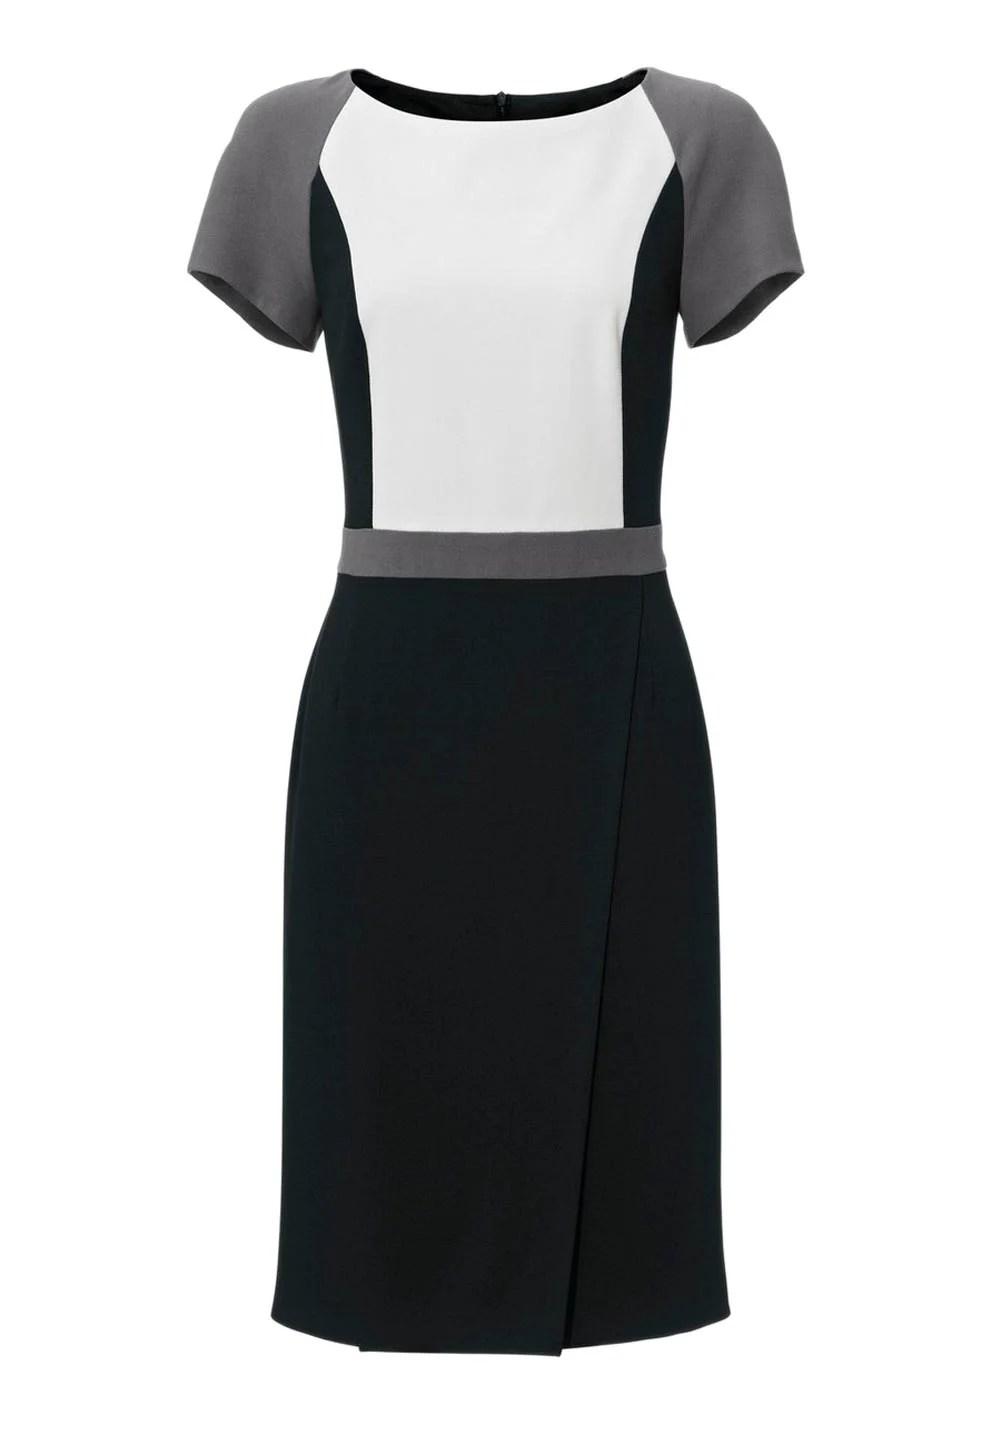 business kleider für damen PATRIZIA DINI Damen Designer-Etuikleid Schwarz-Grau 006.240 Missforty